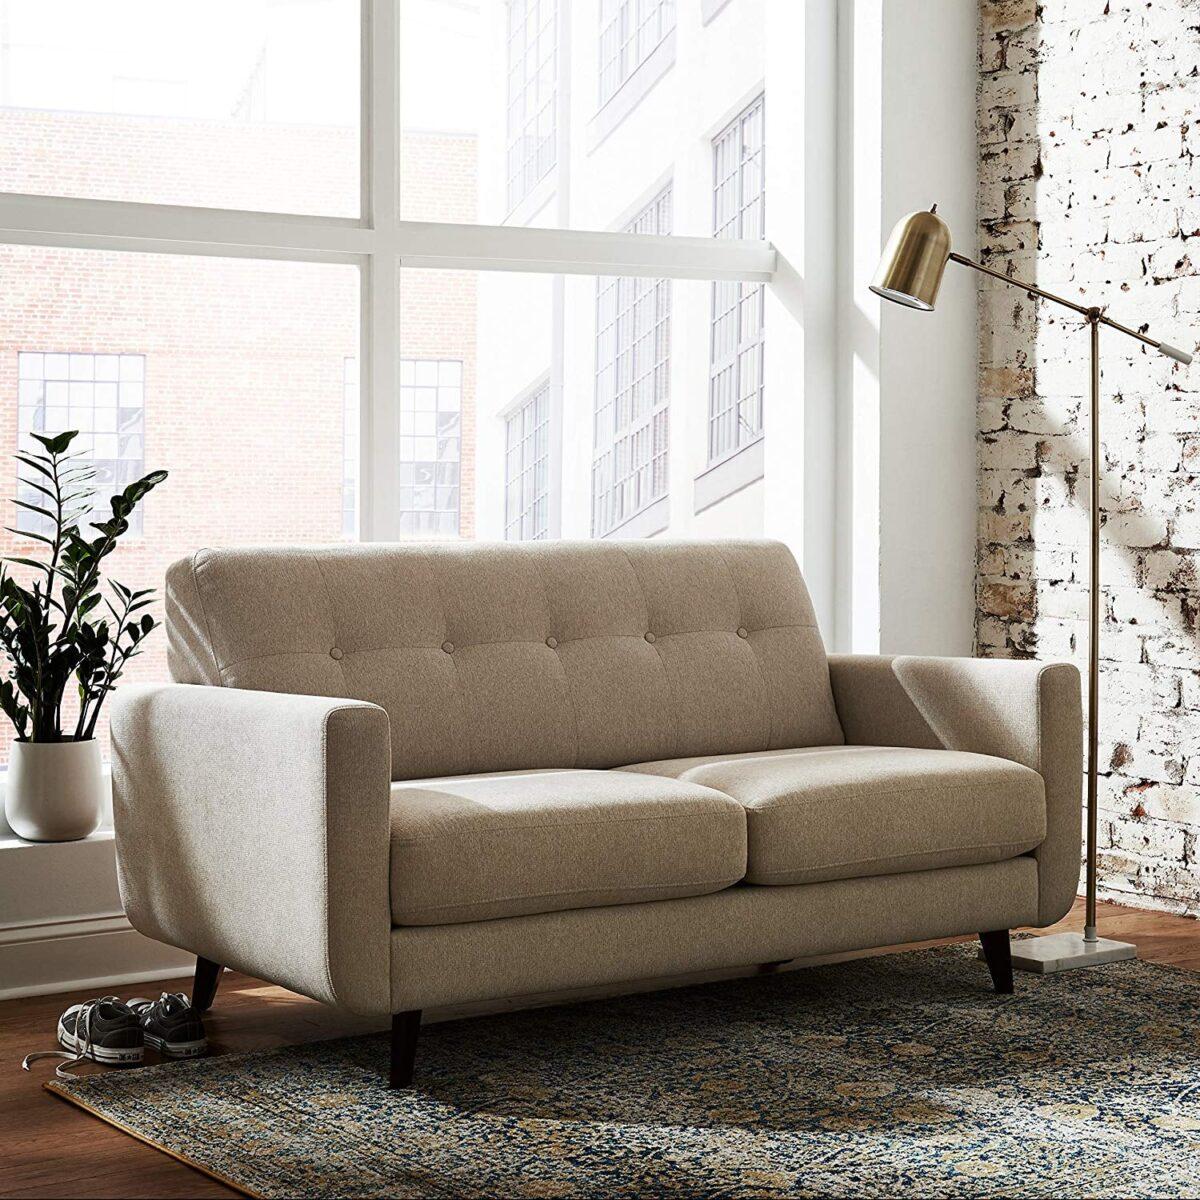 soggiorno-piccolo-dove-metto-il-divano-12